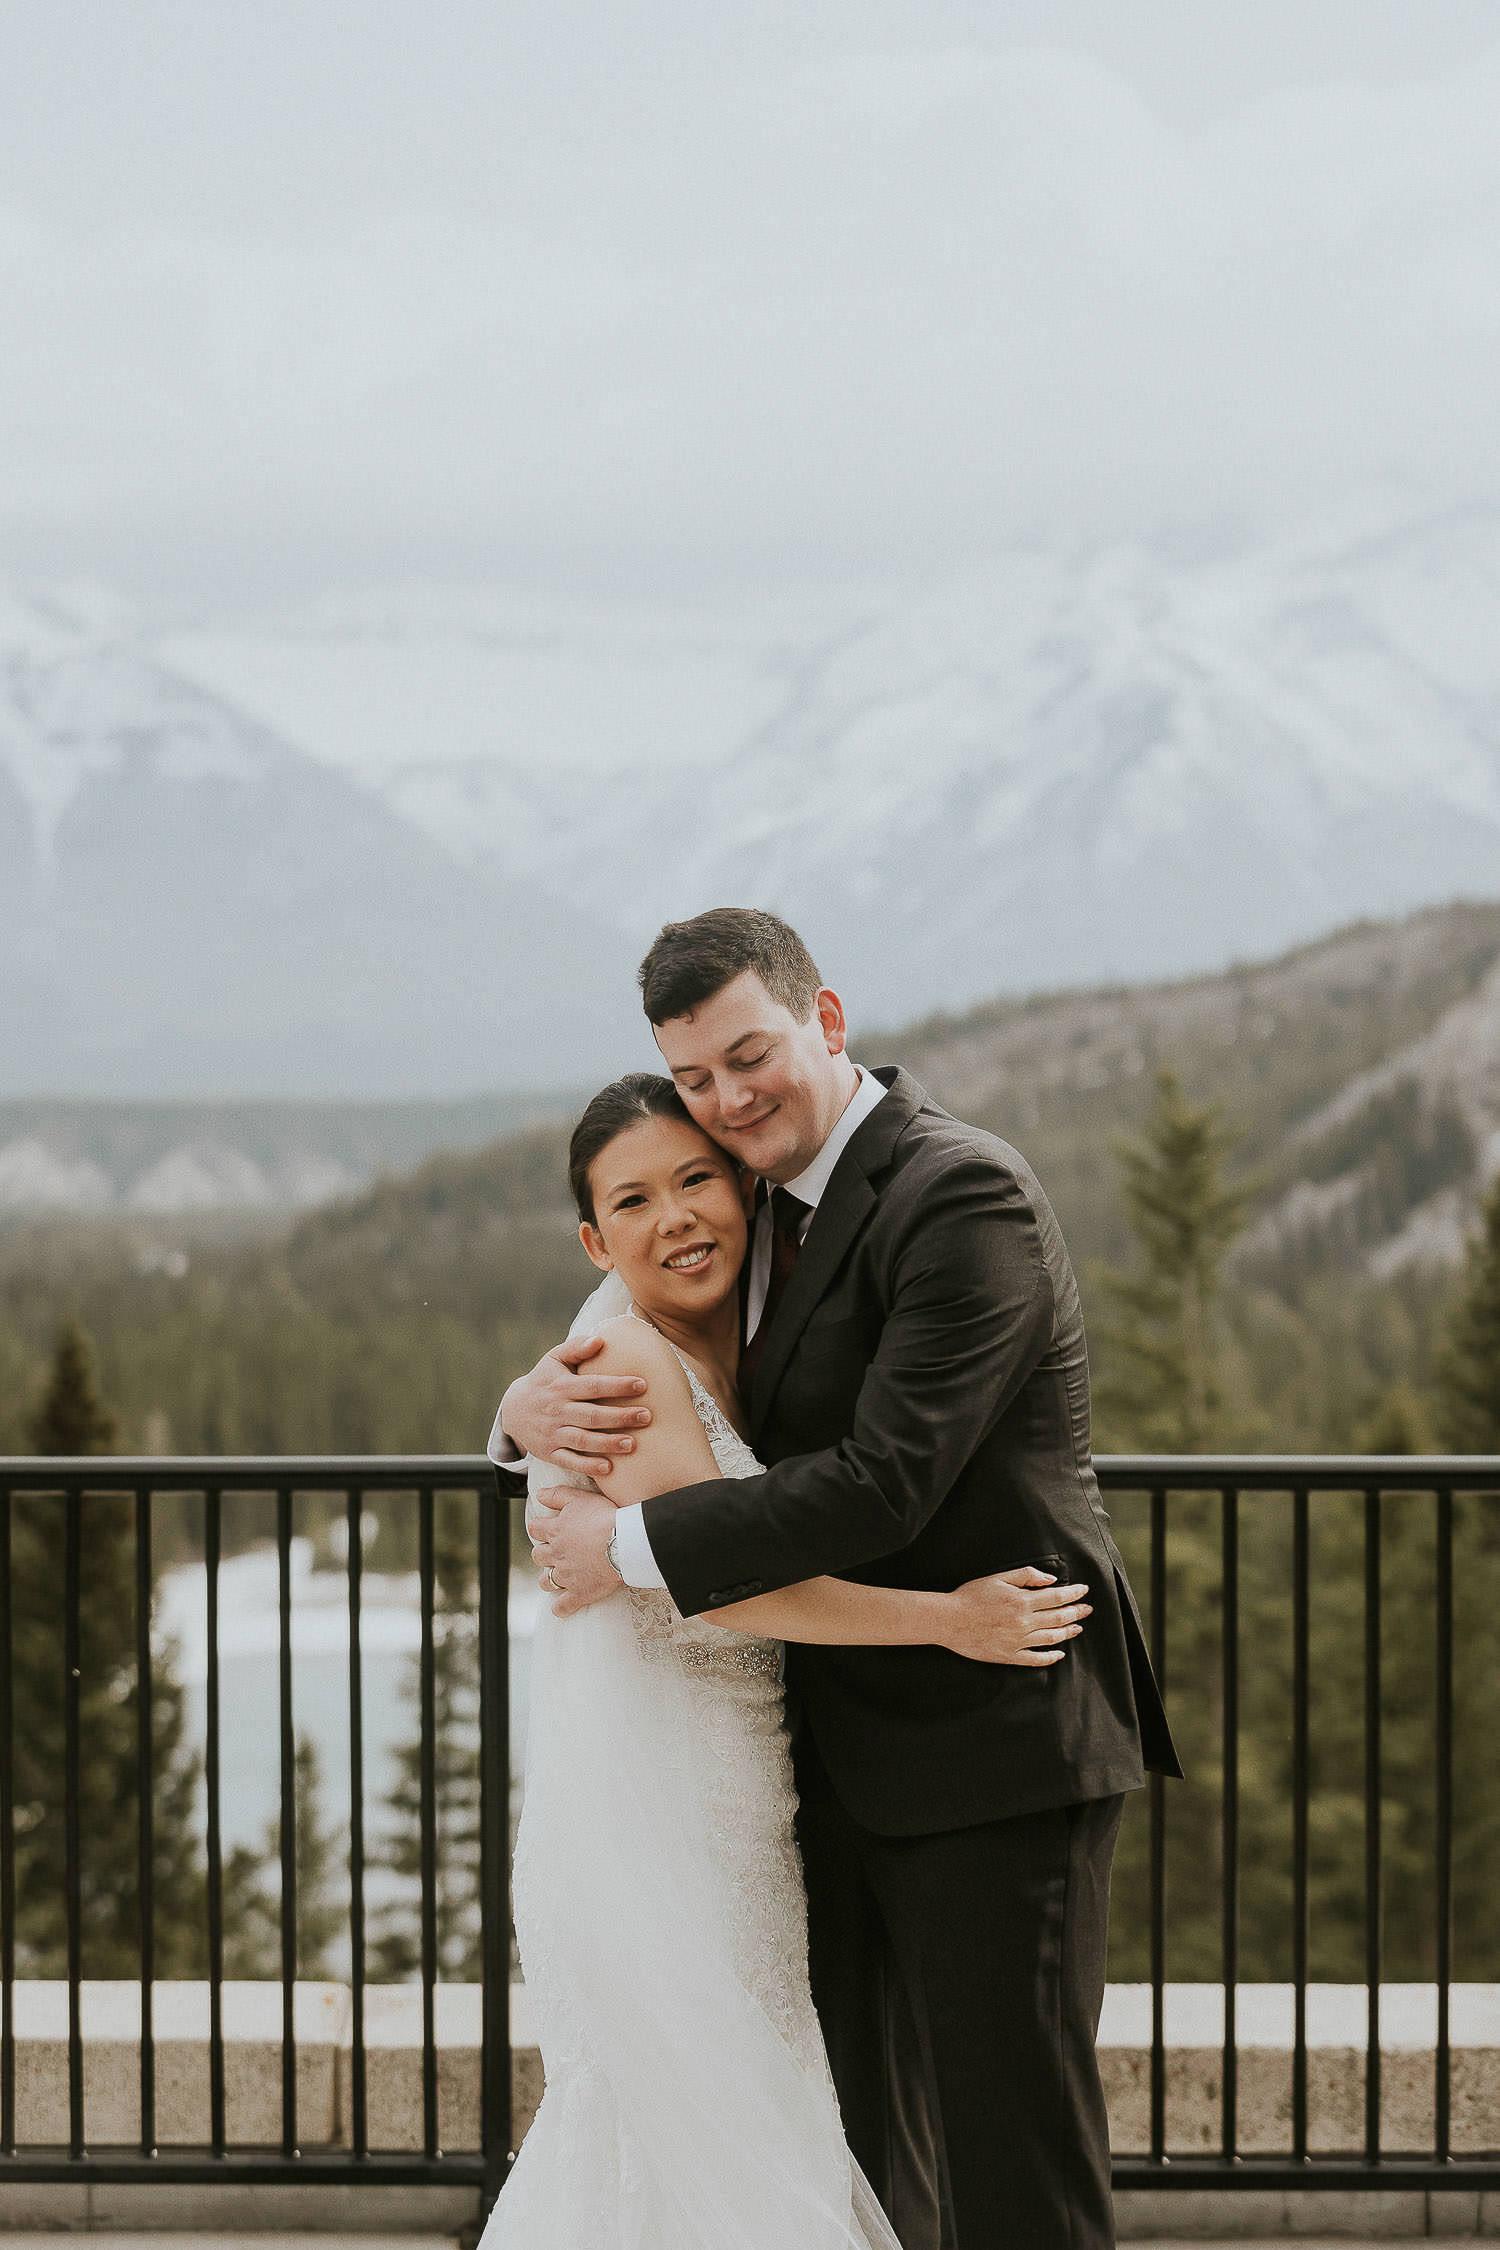 intimate-wedding-at-banff-springs-hotel-sarah-pukin-0103